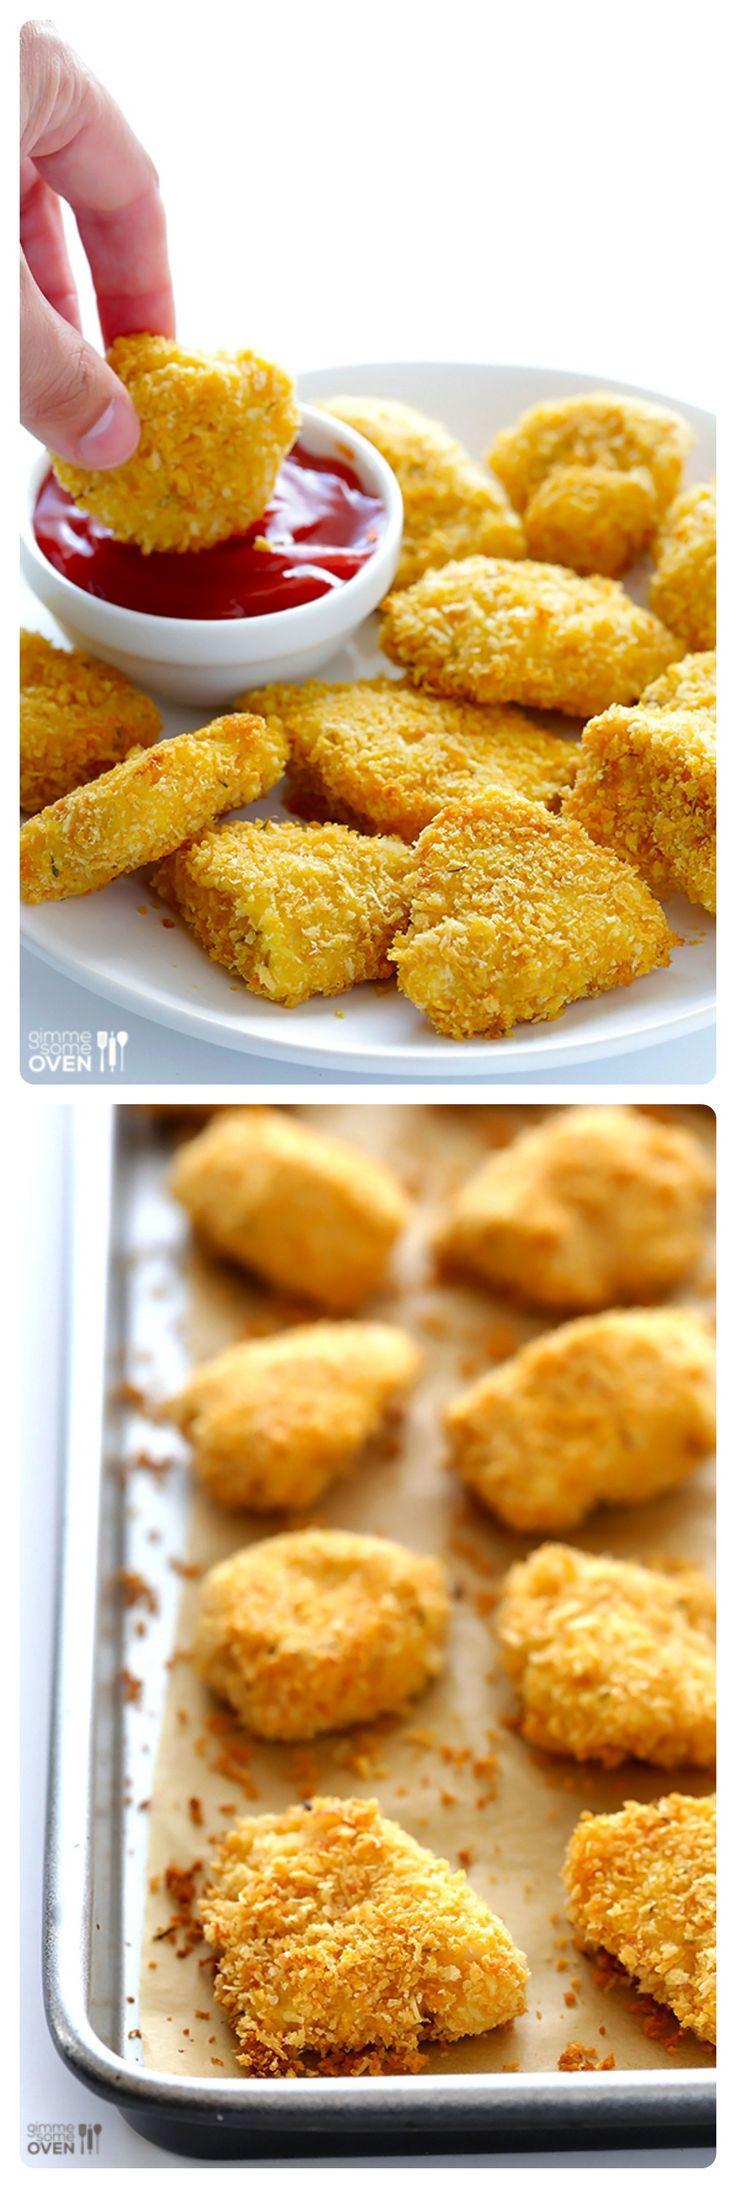 Baked Chicken Nuggets Recipe  Best 25 Chicken nug meals ideas on Pinterest